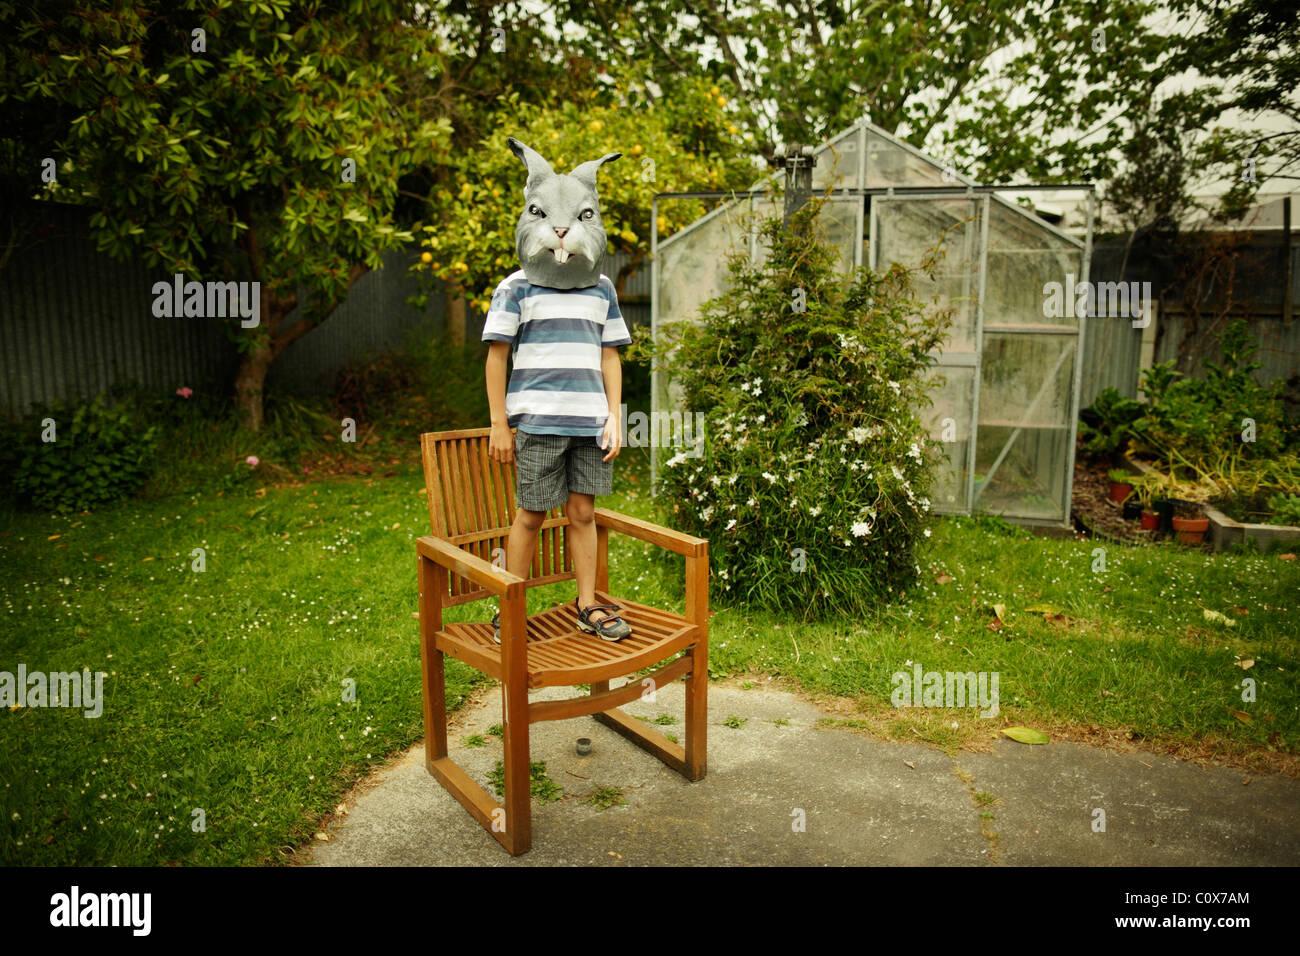 Junge mit Hasenmaske steht auf Sessel im Garten Stockbild